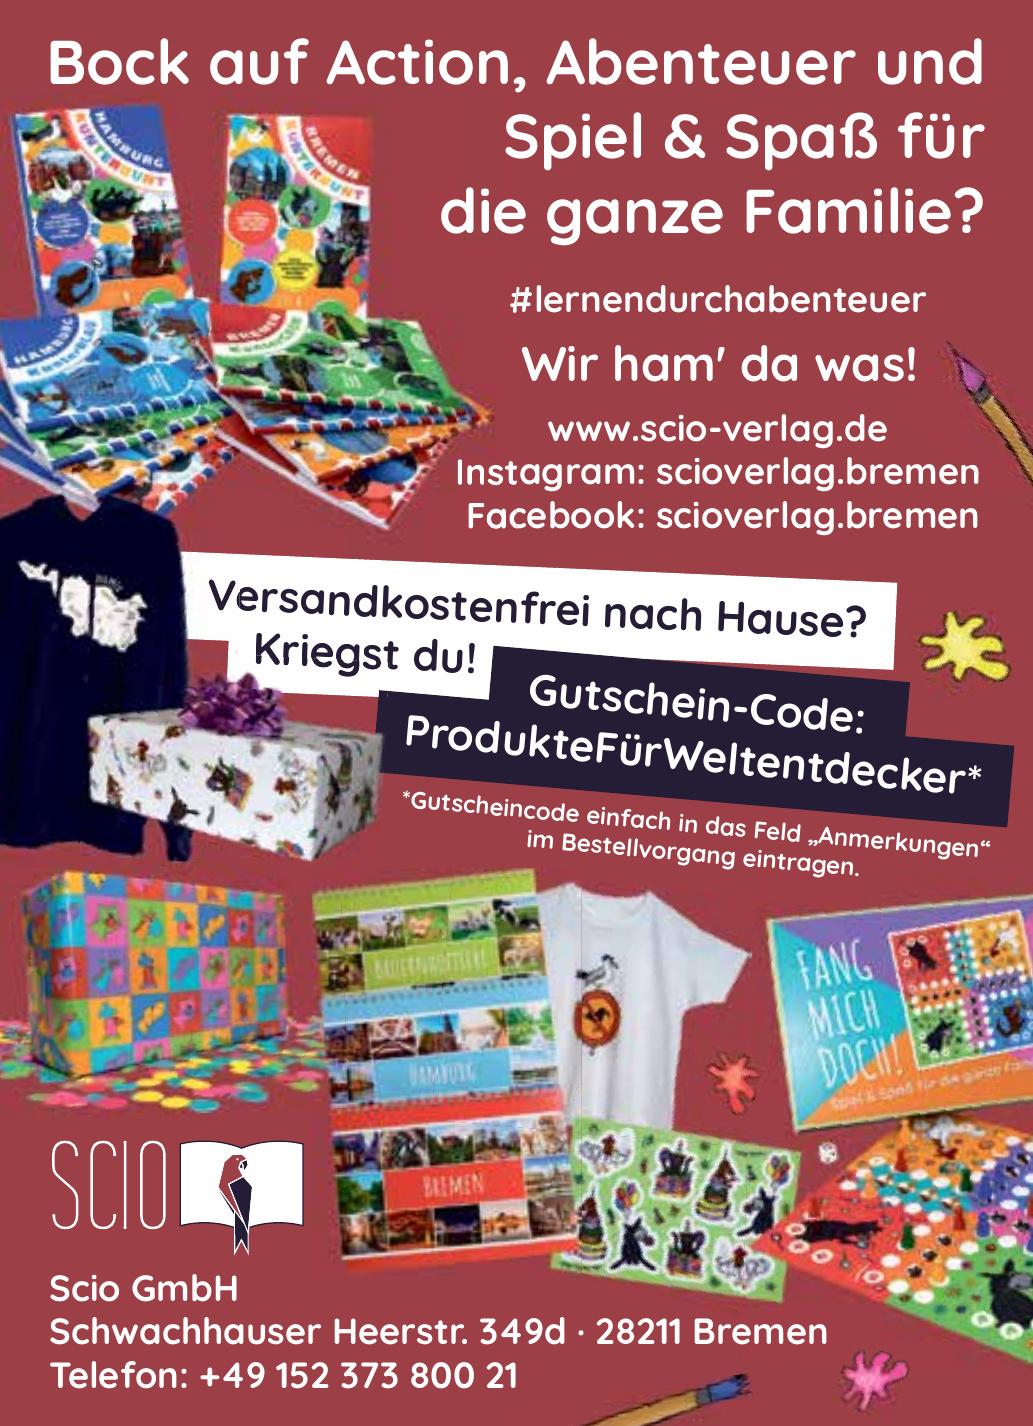 Scio GmbH